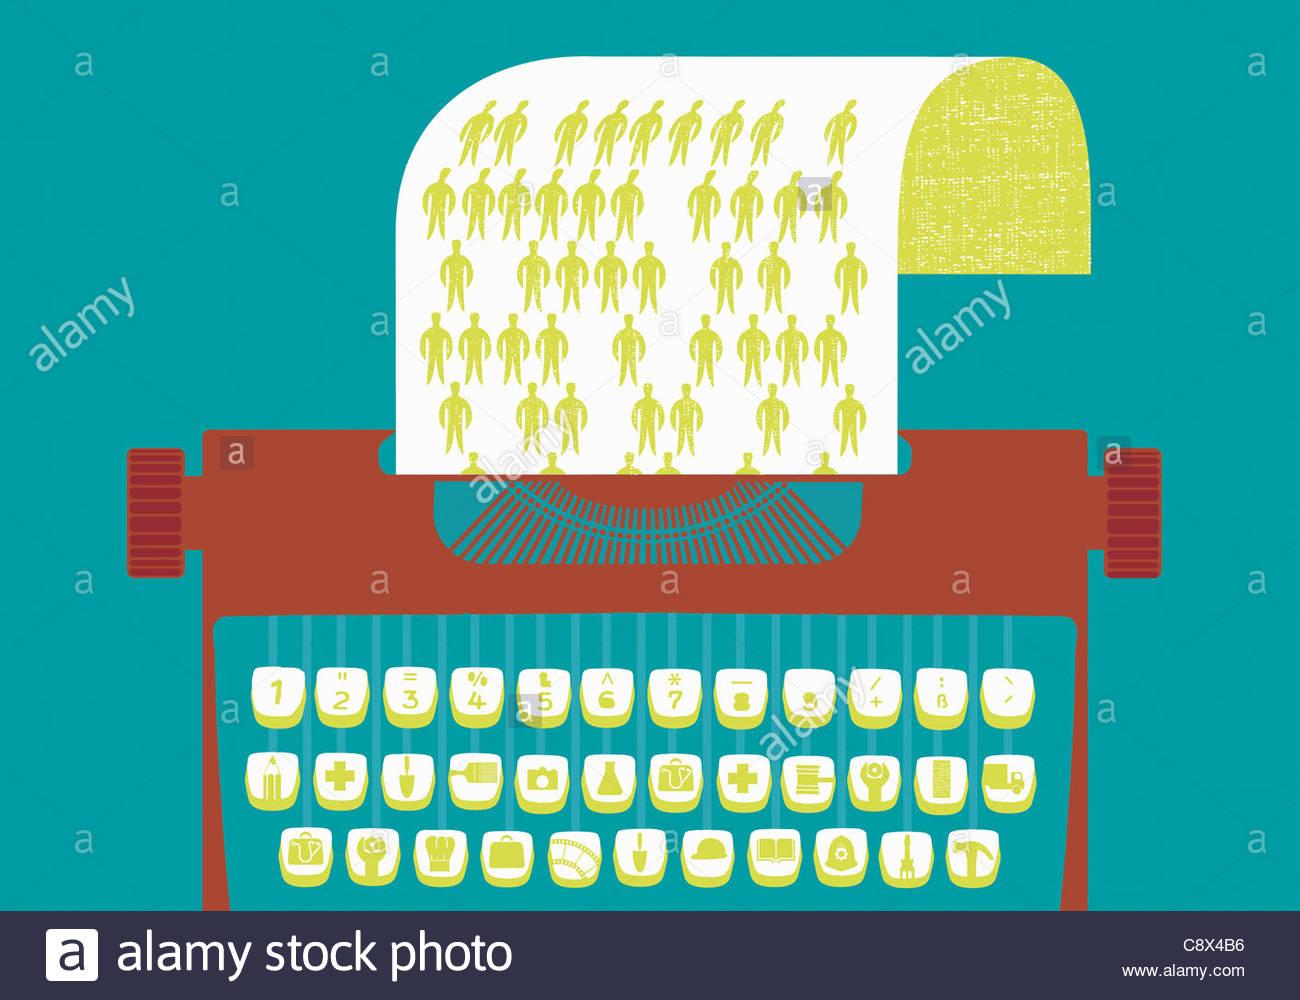 Schreibmaschine mit Grafiken Tasten Vertretung berufen Stockfoto